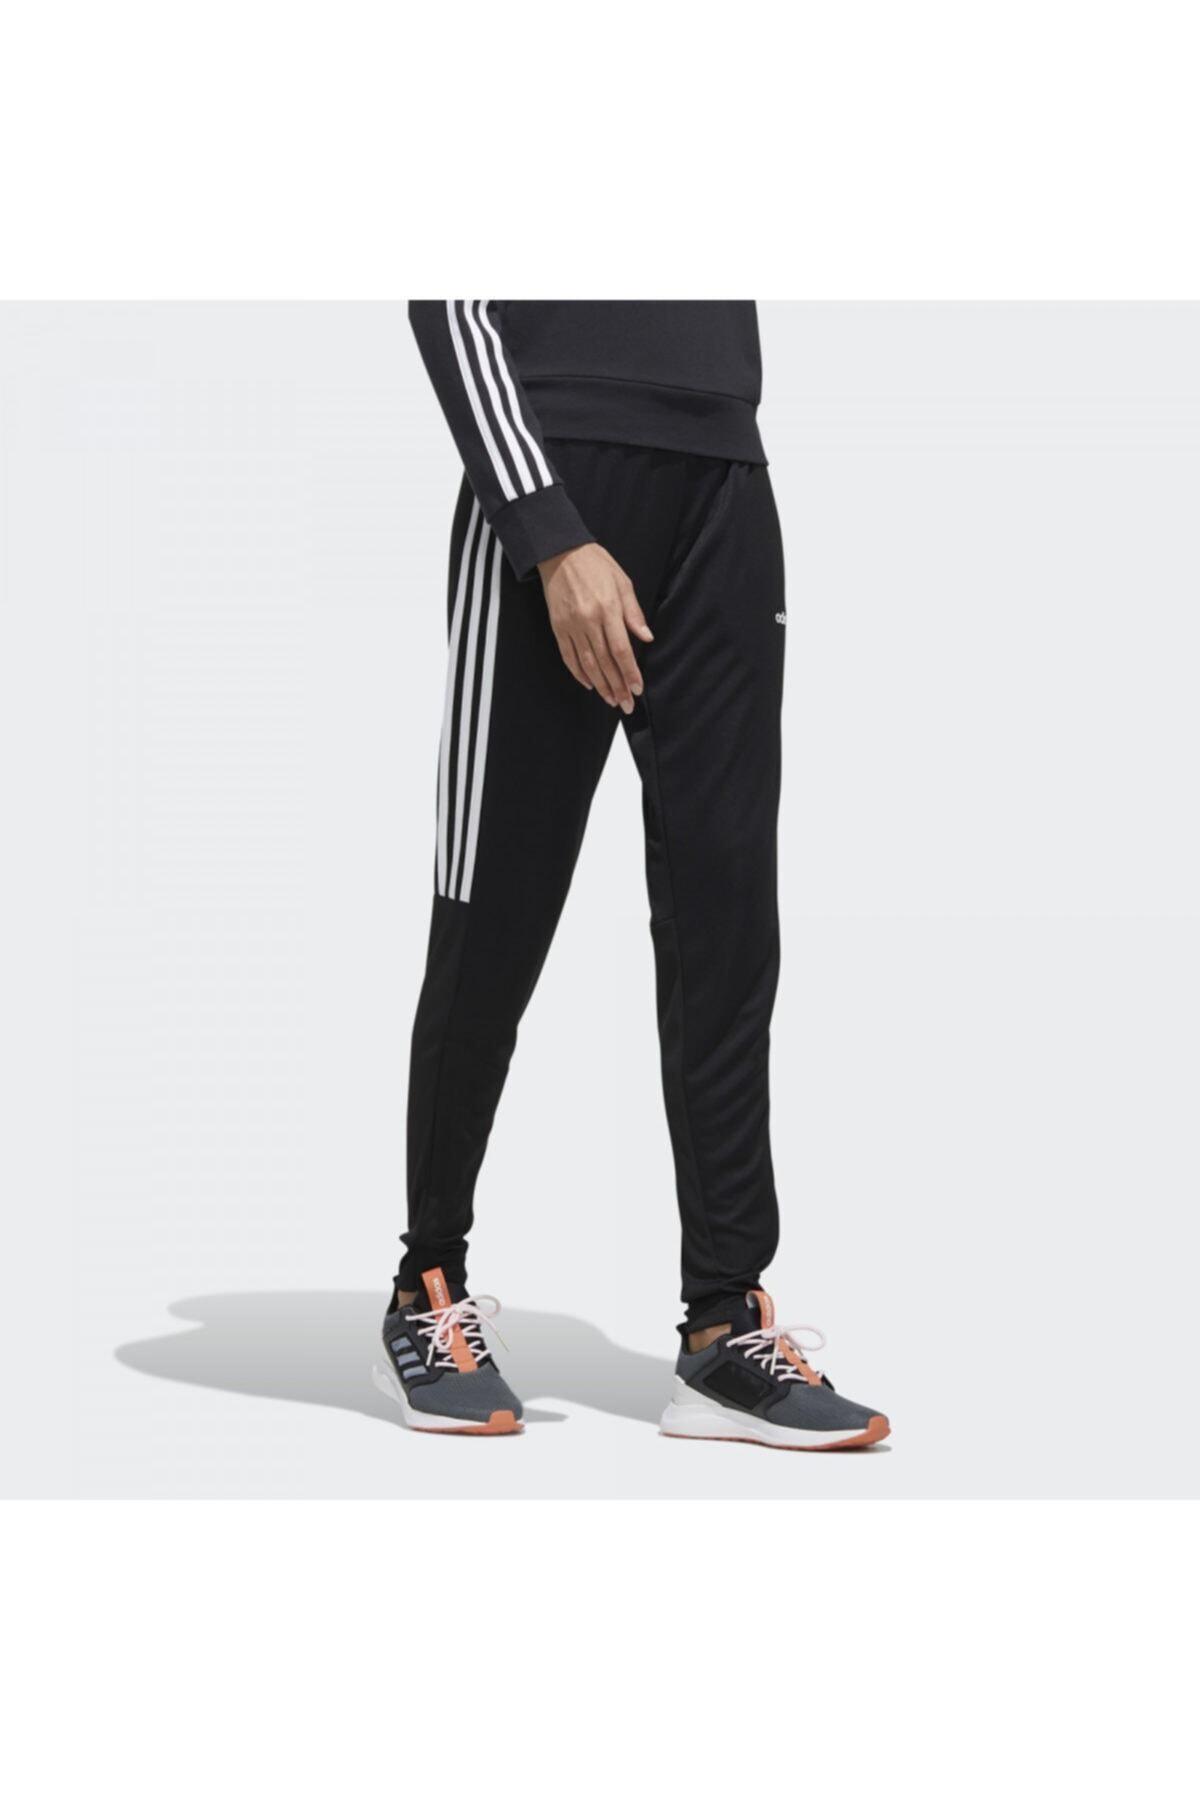 adidas W SERE19 TRG PT */ Siyah Kadın Eşofman 100547697 2